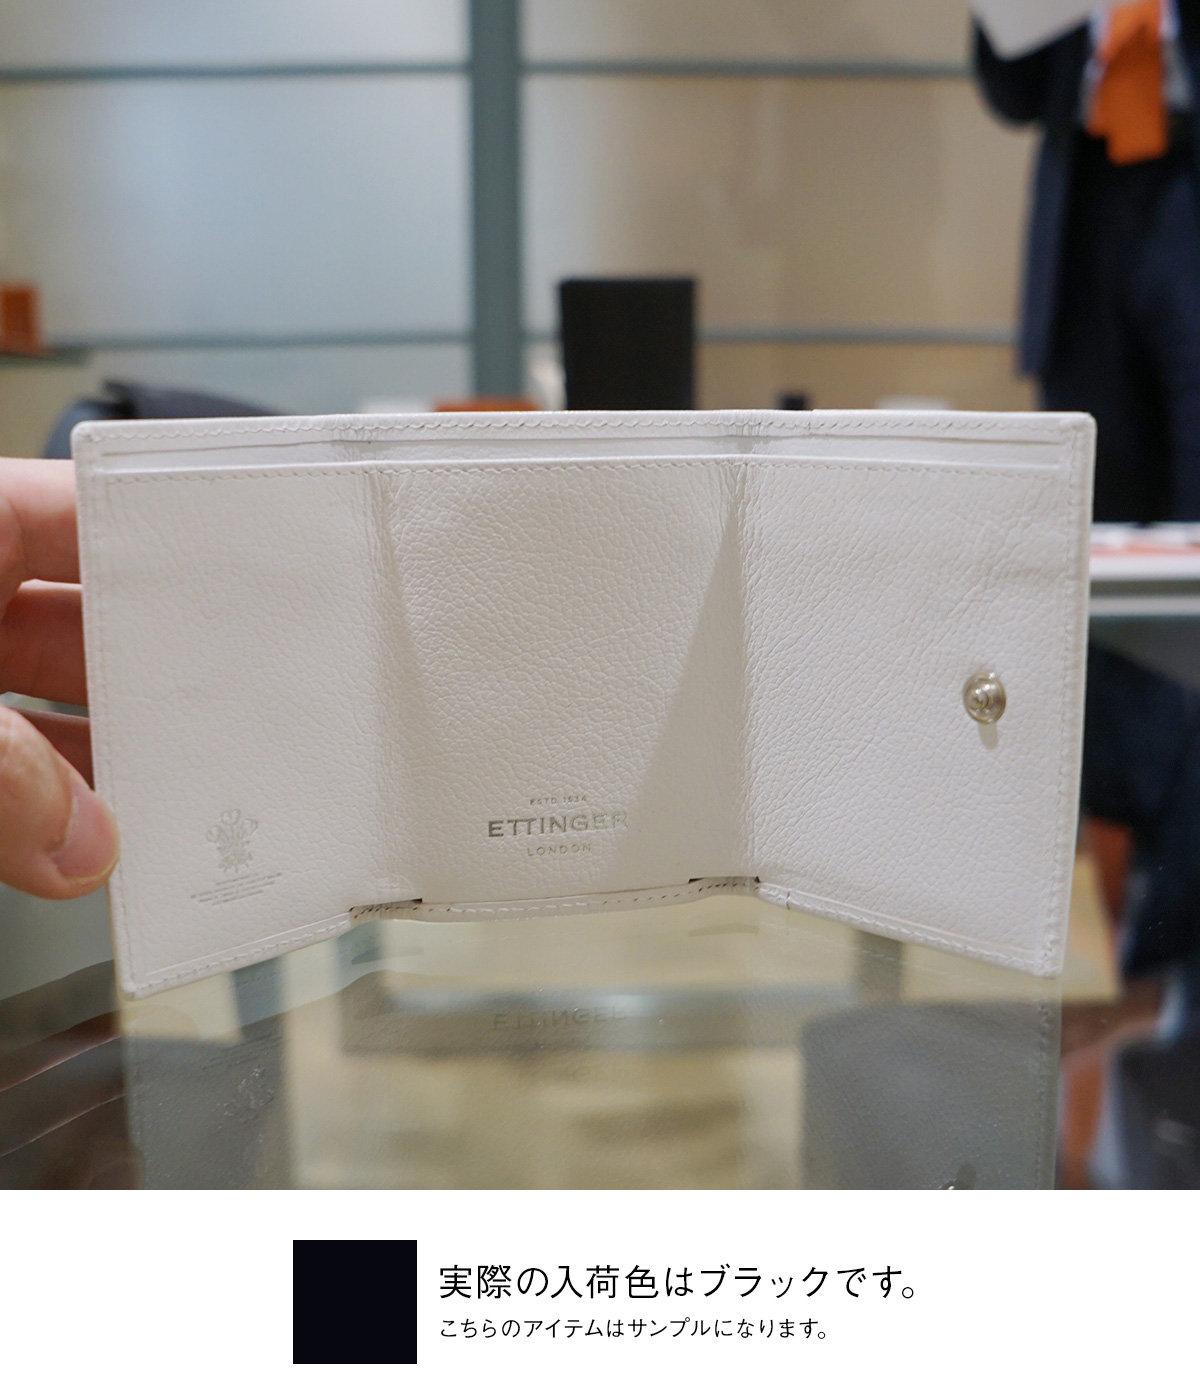 【予約】3Fold Wallet with Coin Purse ( 2020FW NEW MODEL ) 三つ折り財布